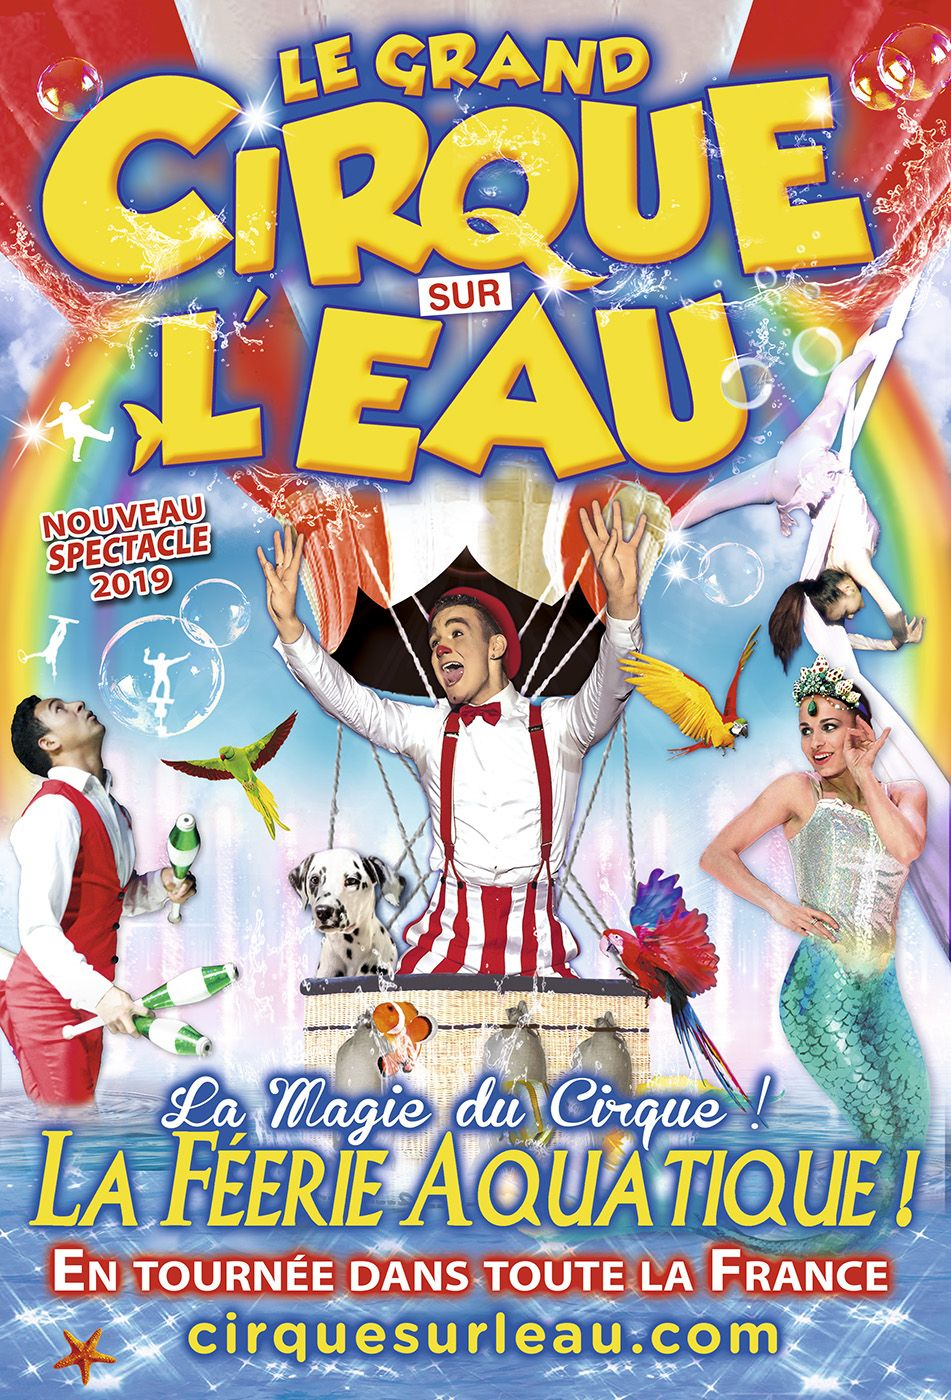 cirque sur l eau arena productions image